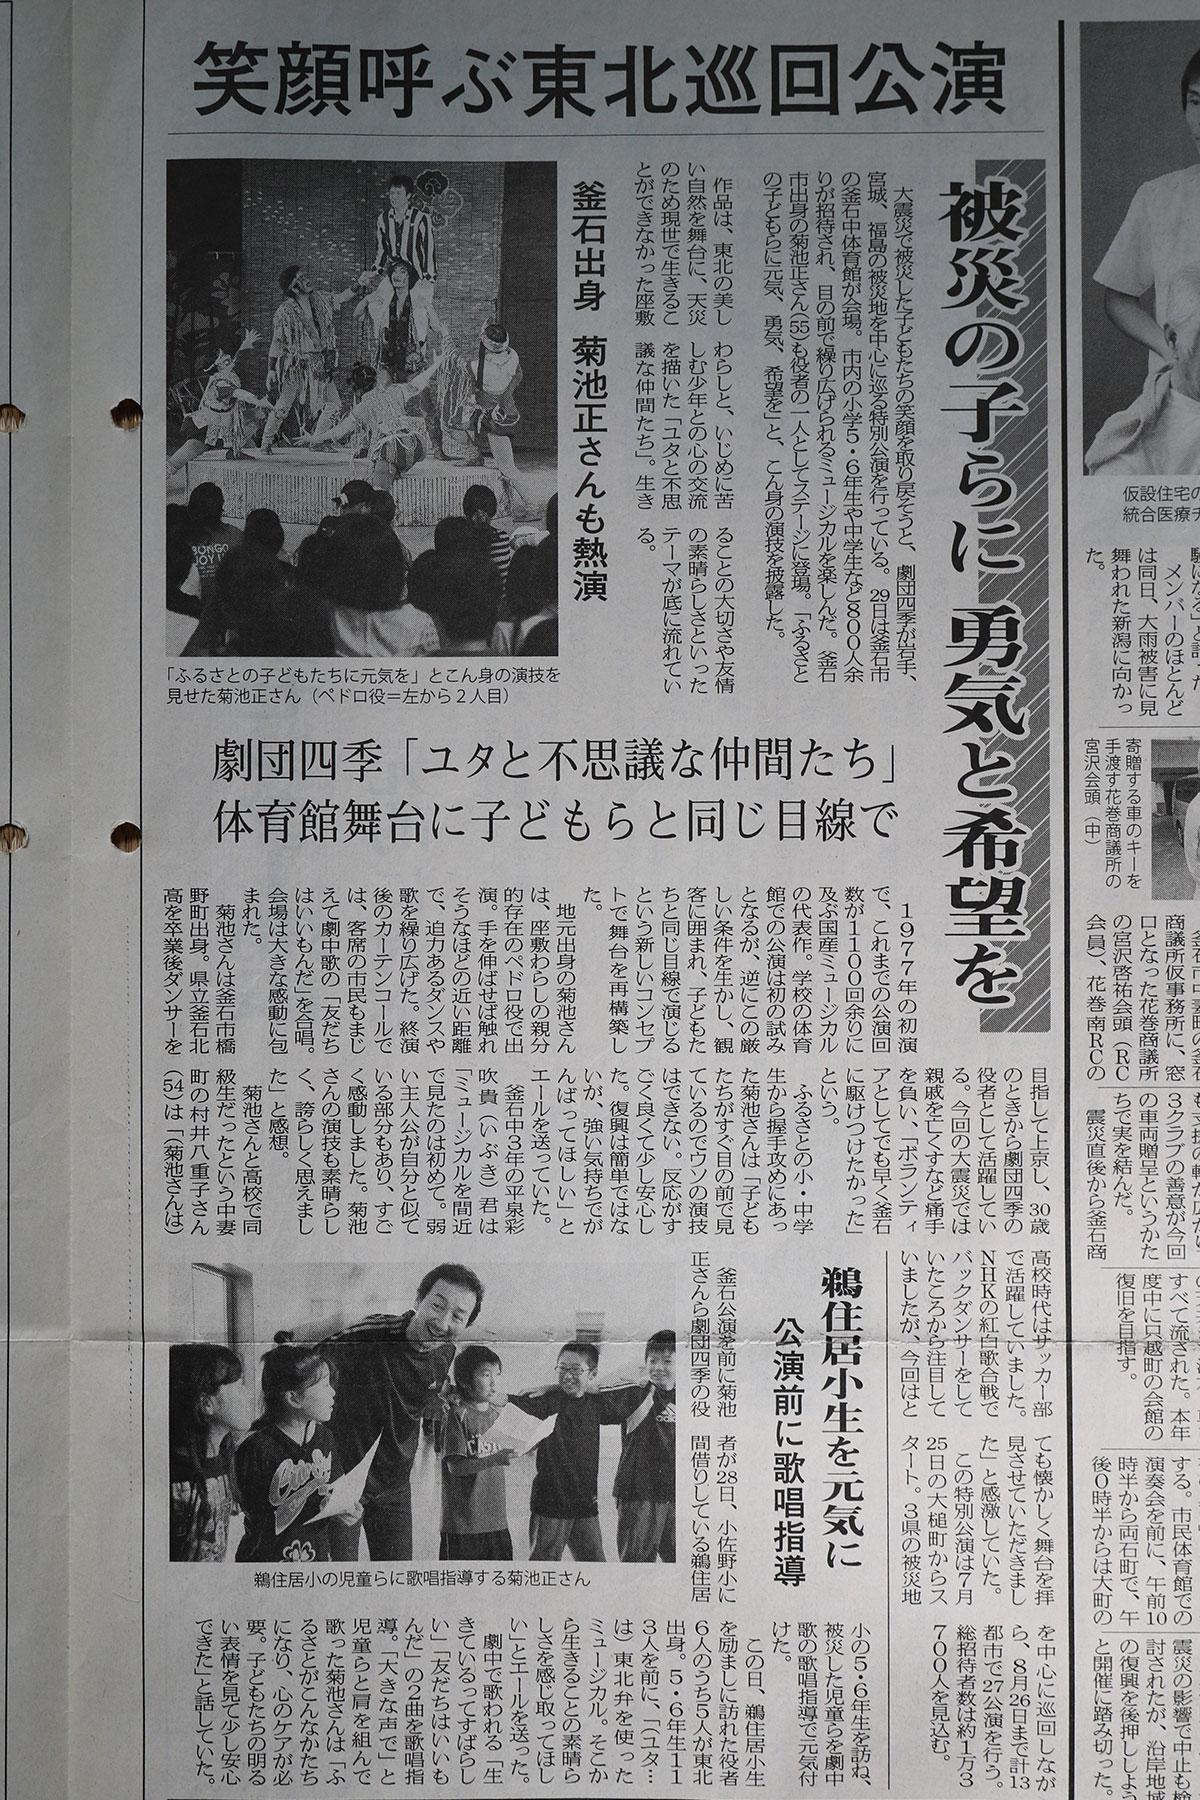 10年前の釜石中での特別公演を伝える新聞記事(復興釜石新聞第16号)